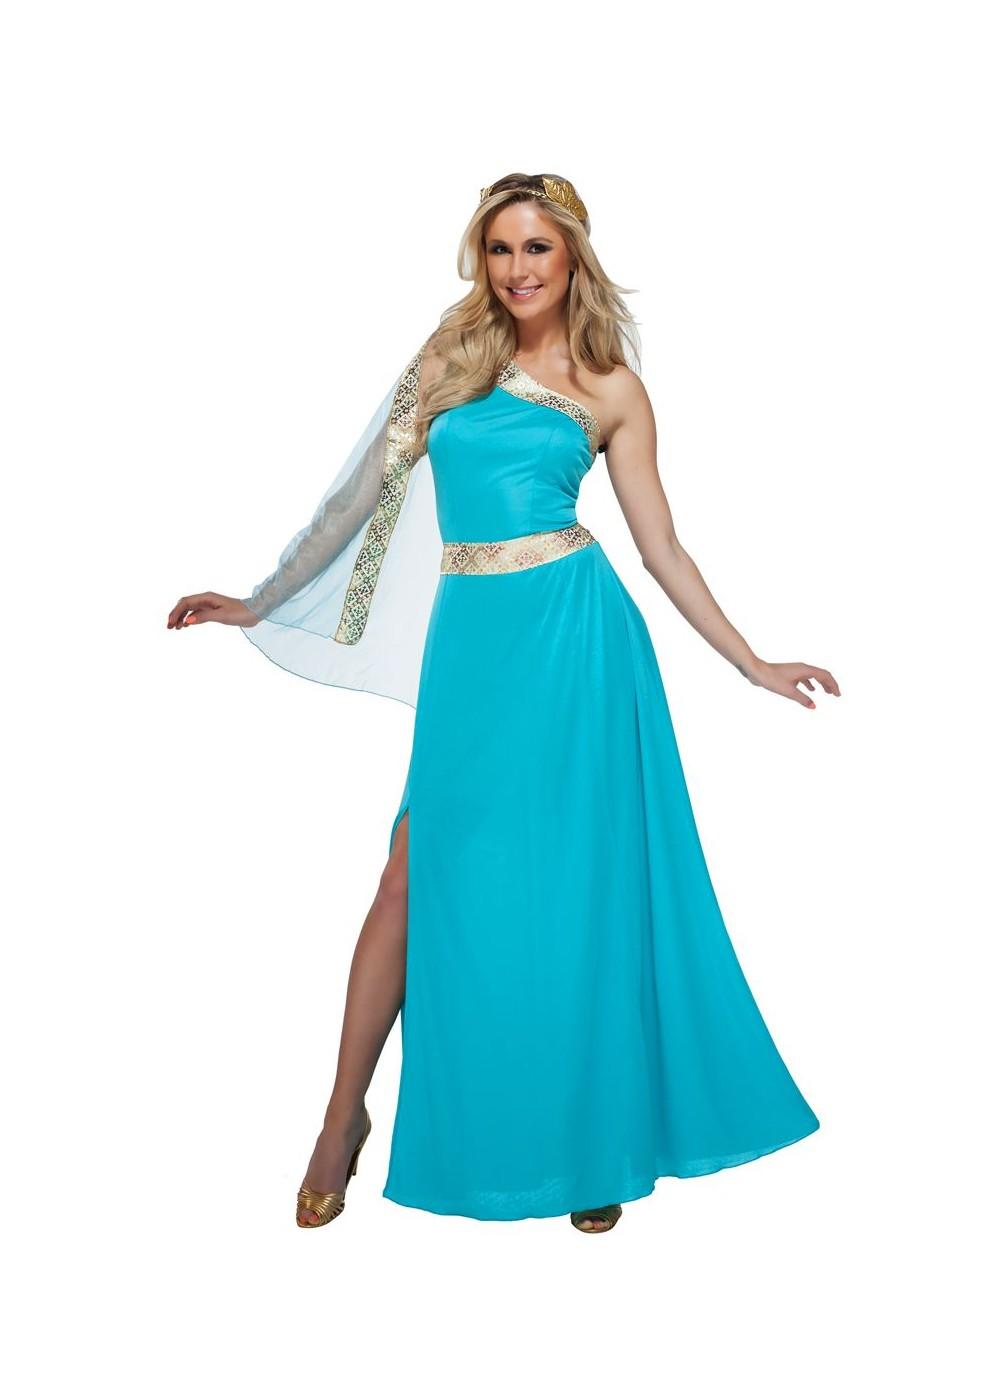 Blue Goddess Women Costume